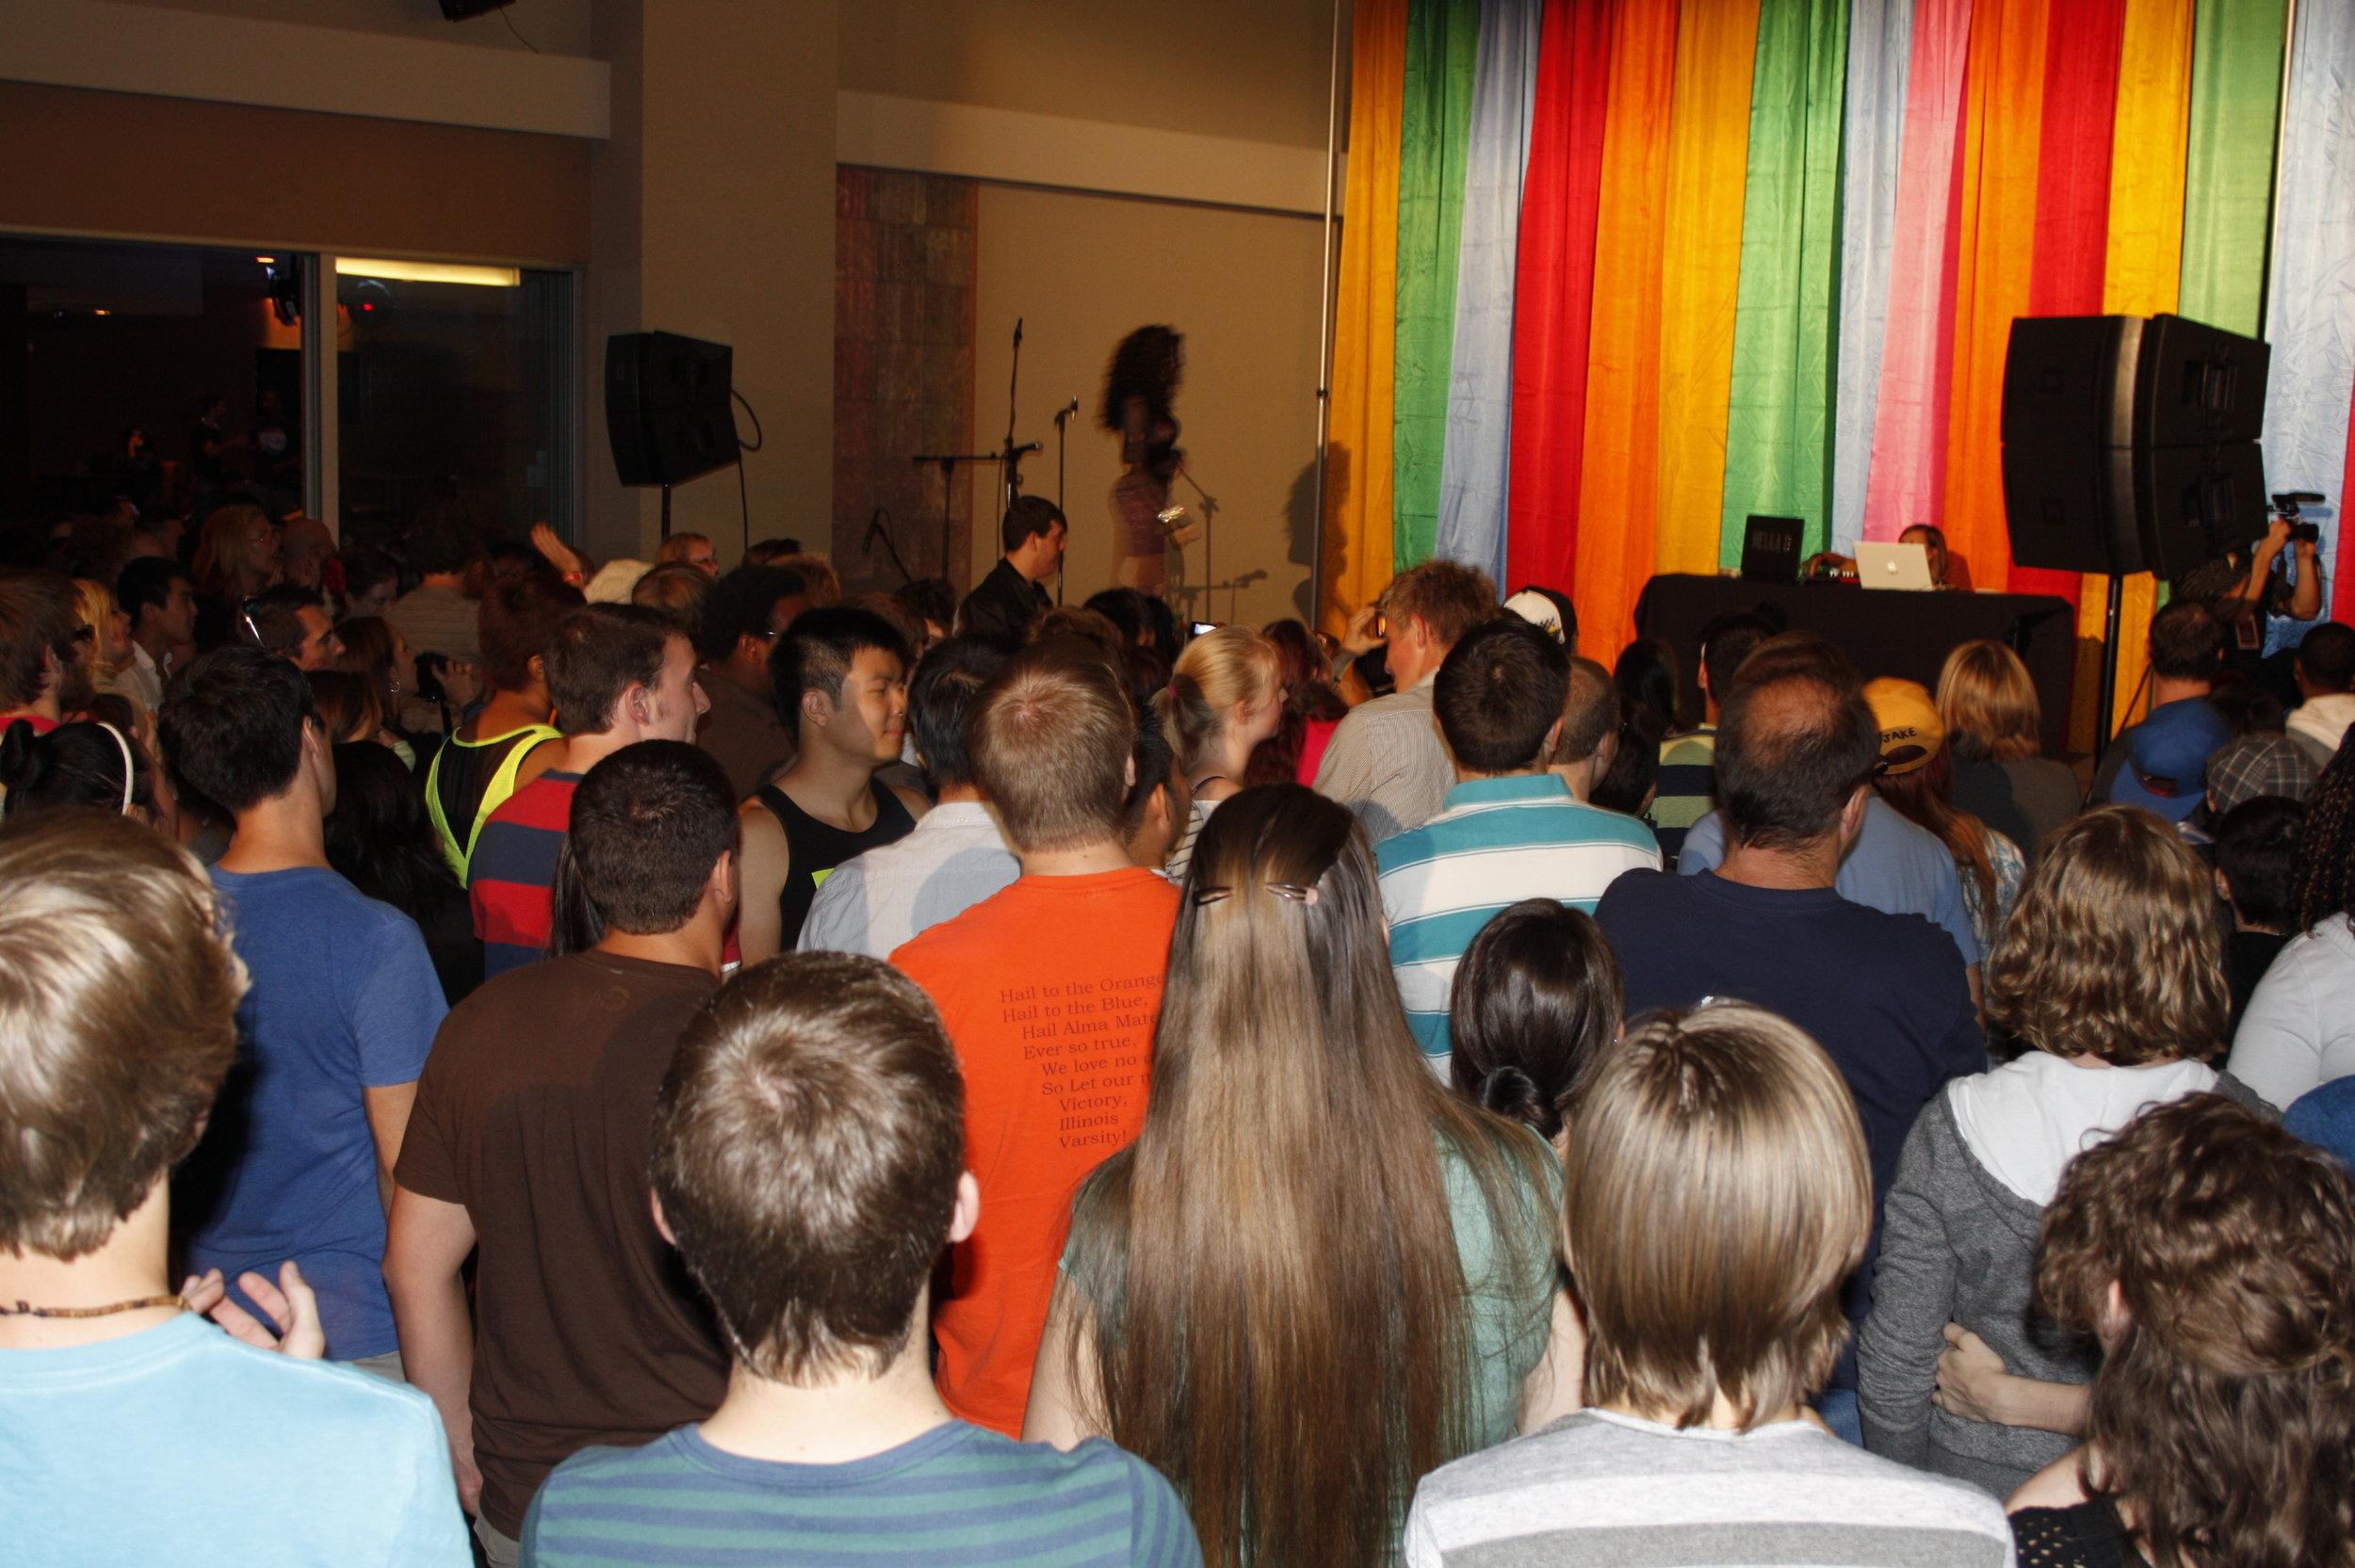 pridefest201220120909_0057.JPG